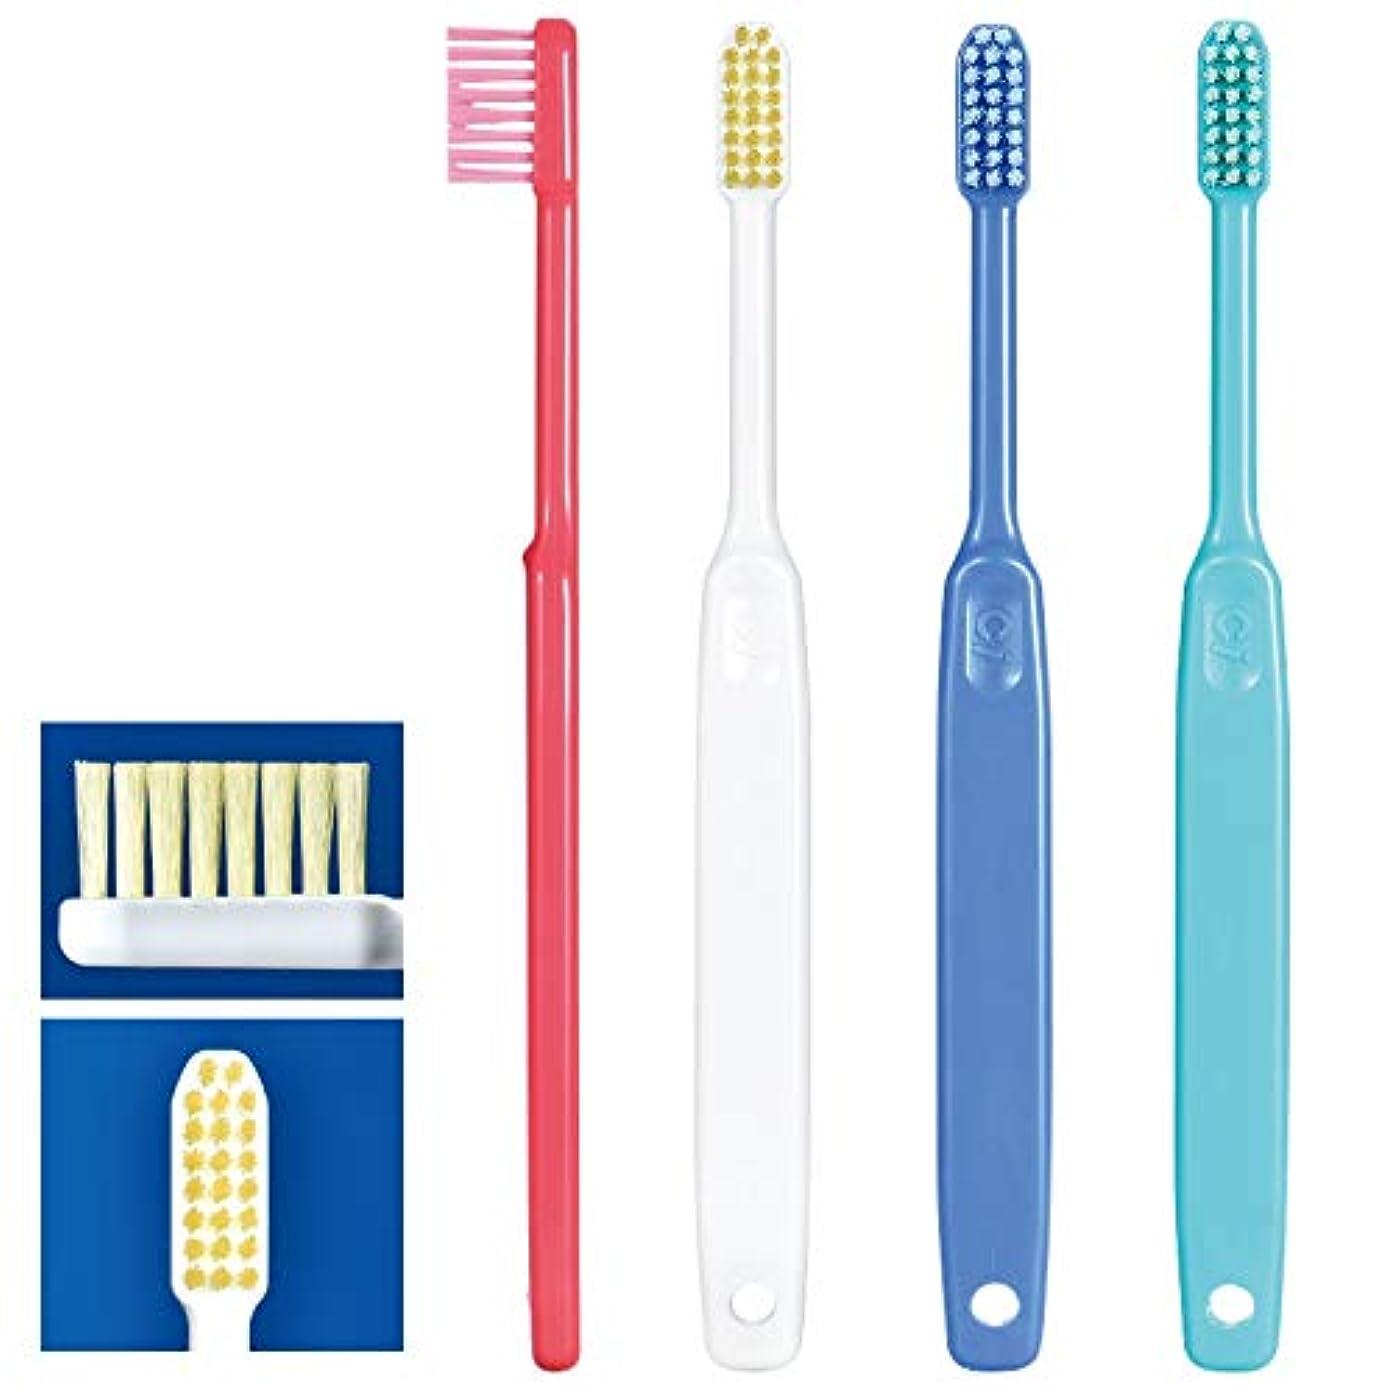 摂氏群衆爆風Ci20カラー歯ブラシ 20本 MS(やややわらかめ) 日本製 カラー毛 高密度植毛 歯科専売品